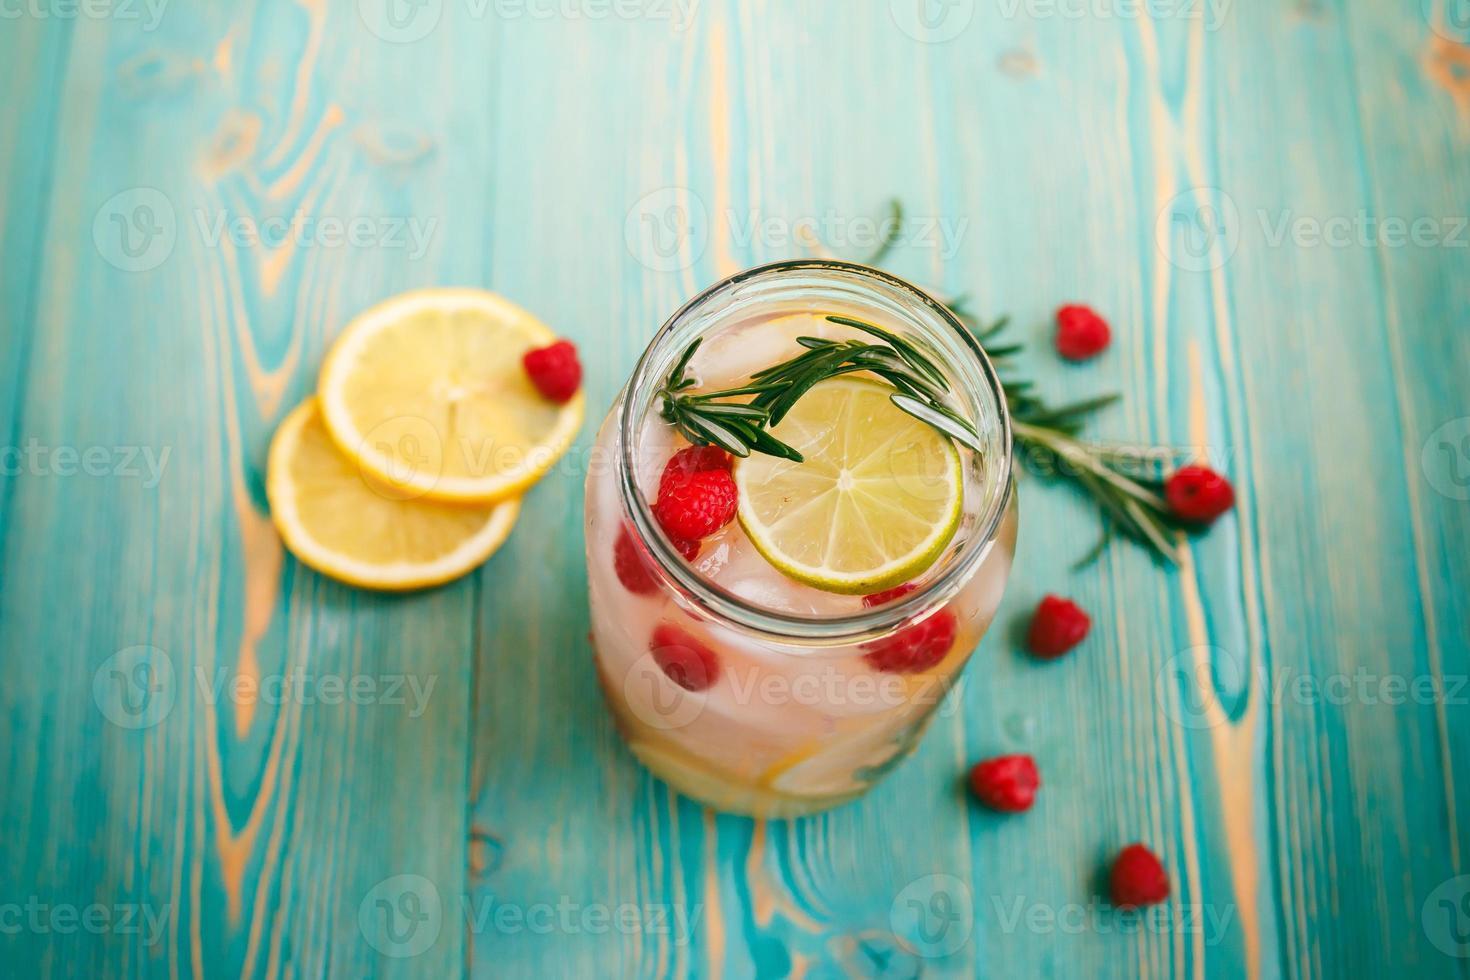 água detox com framboesa, lima, limão, alecrim foto